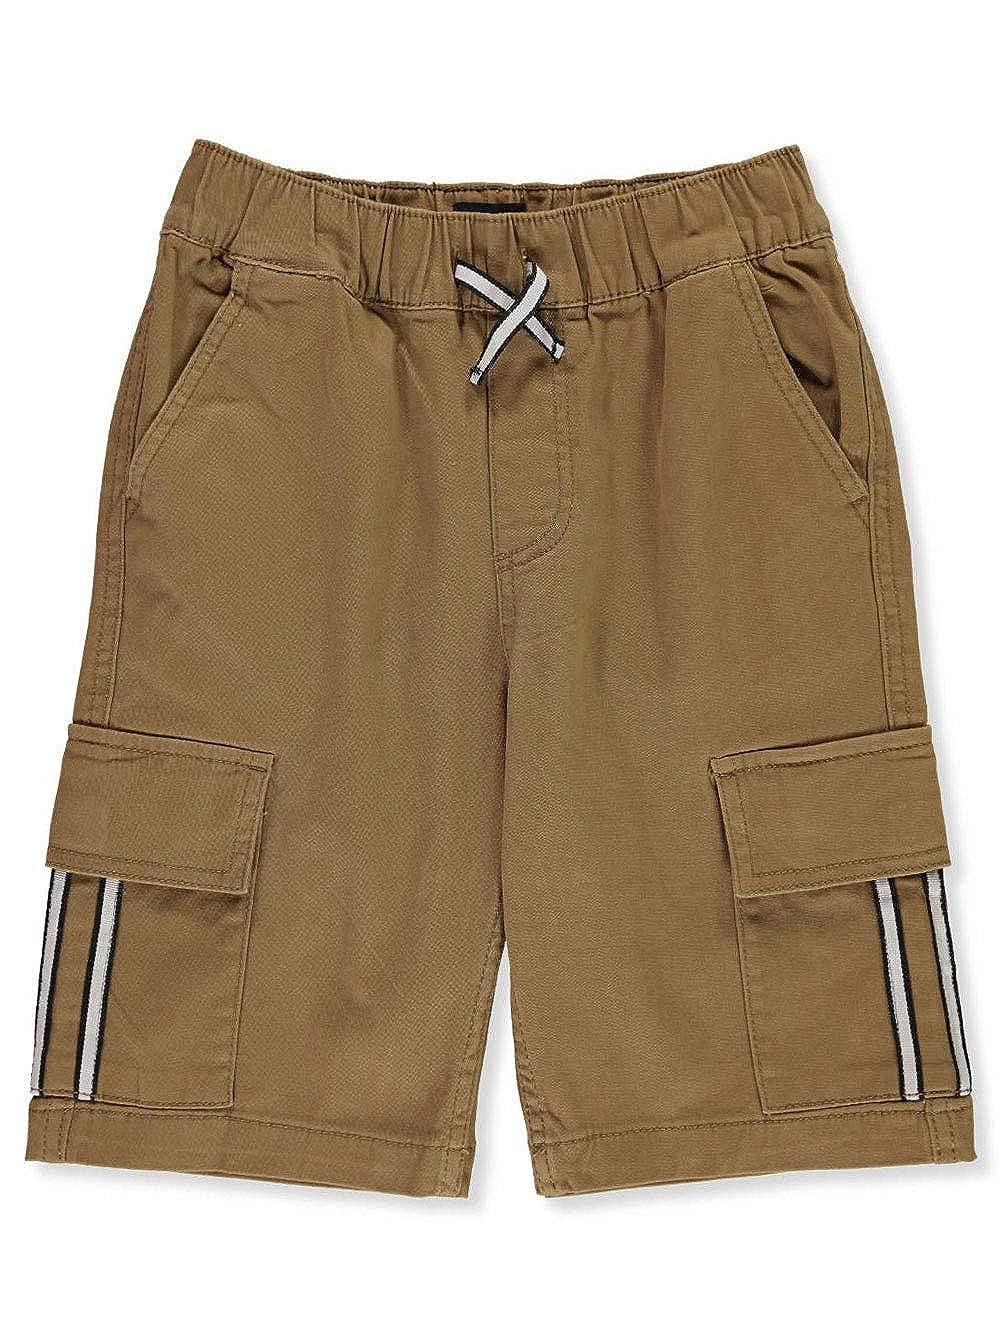 LEE Big Boys Twill Cargo Shorts Wheat 10-12